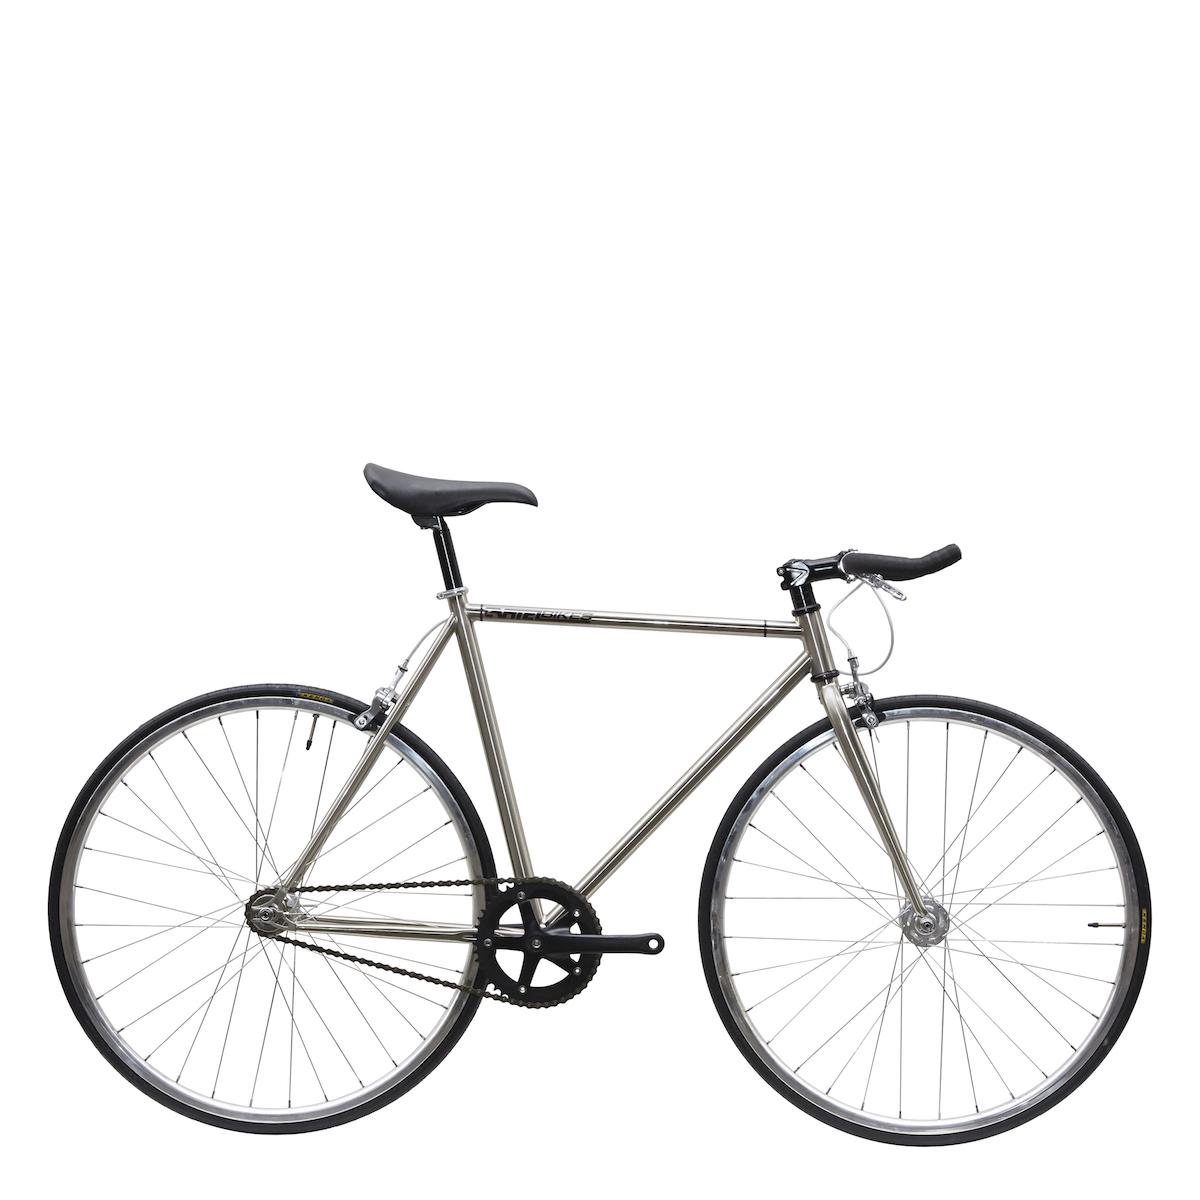 ピストバイク 完成車 カーテルバイク CARTEL BIKE AVENUE LO CHROME SILVER PARTS 【自転車 バイク スポーツバイク 完成品 クロモリ 軽量 カスタム カスタムバイク ベース フリーギア 固定ギア 初心者 シンプル おしゃれ 銀 シルバー】